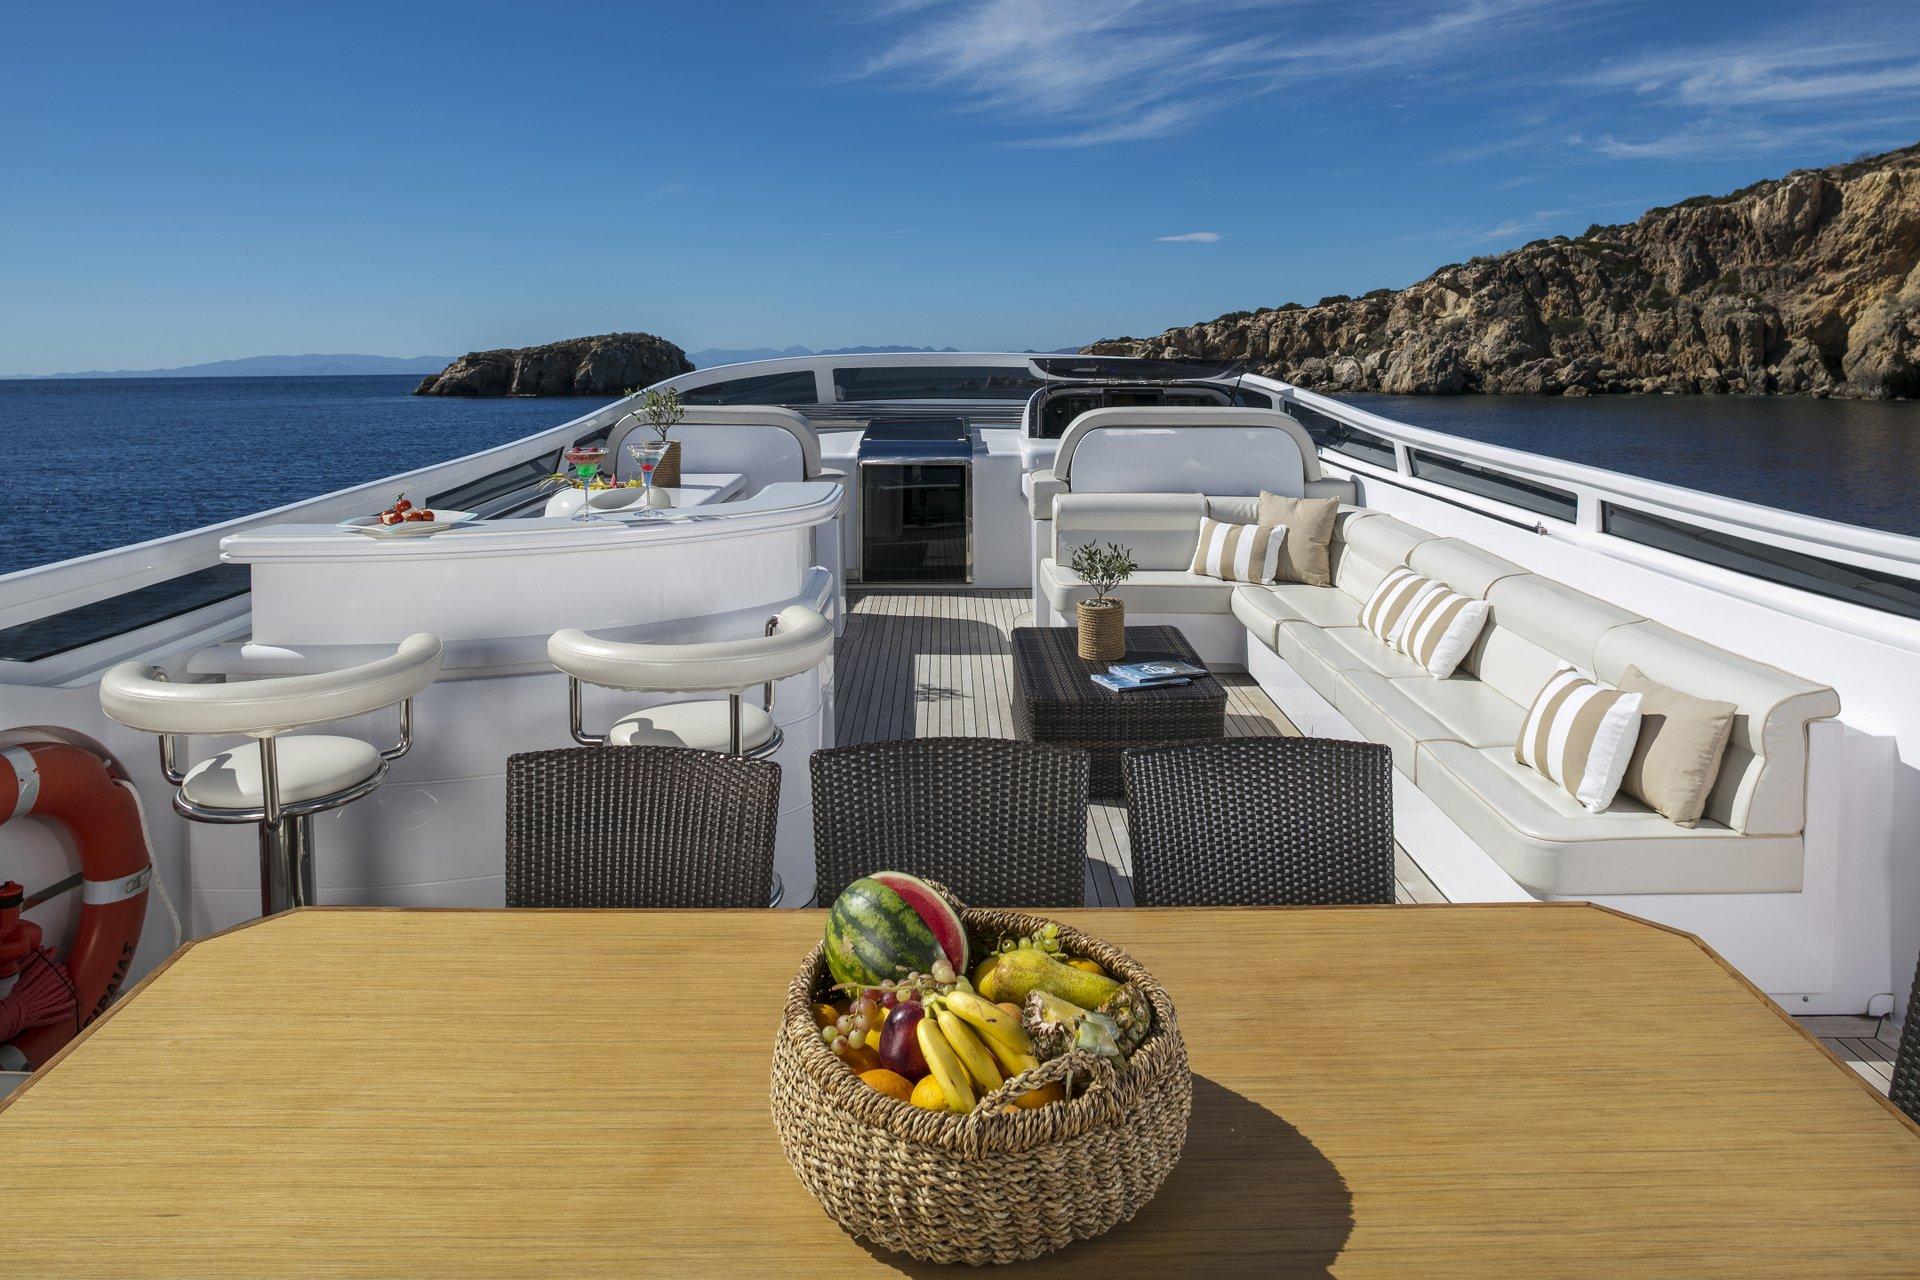 M/Y PARIS A yacht for charter deck spaces